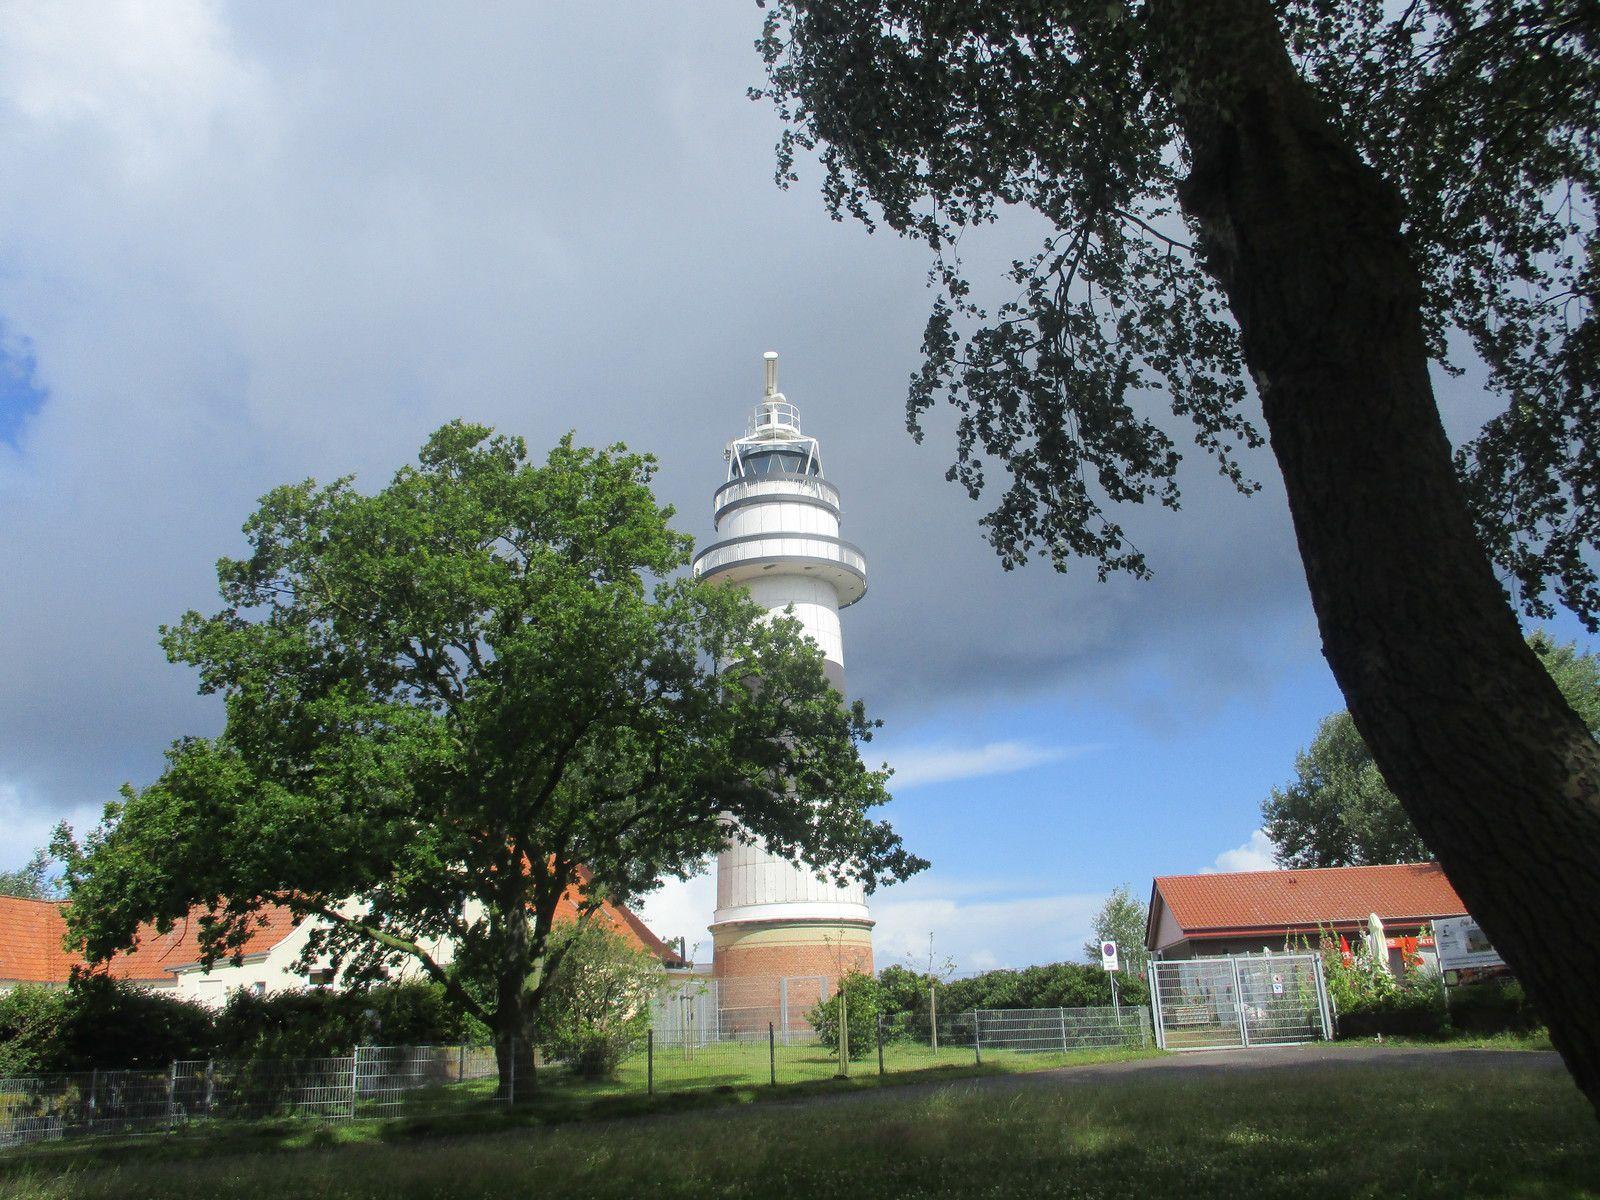 Leuchtturm Bülk am äißersten Ende der Kieler Förde